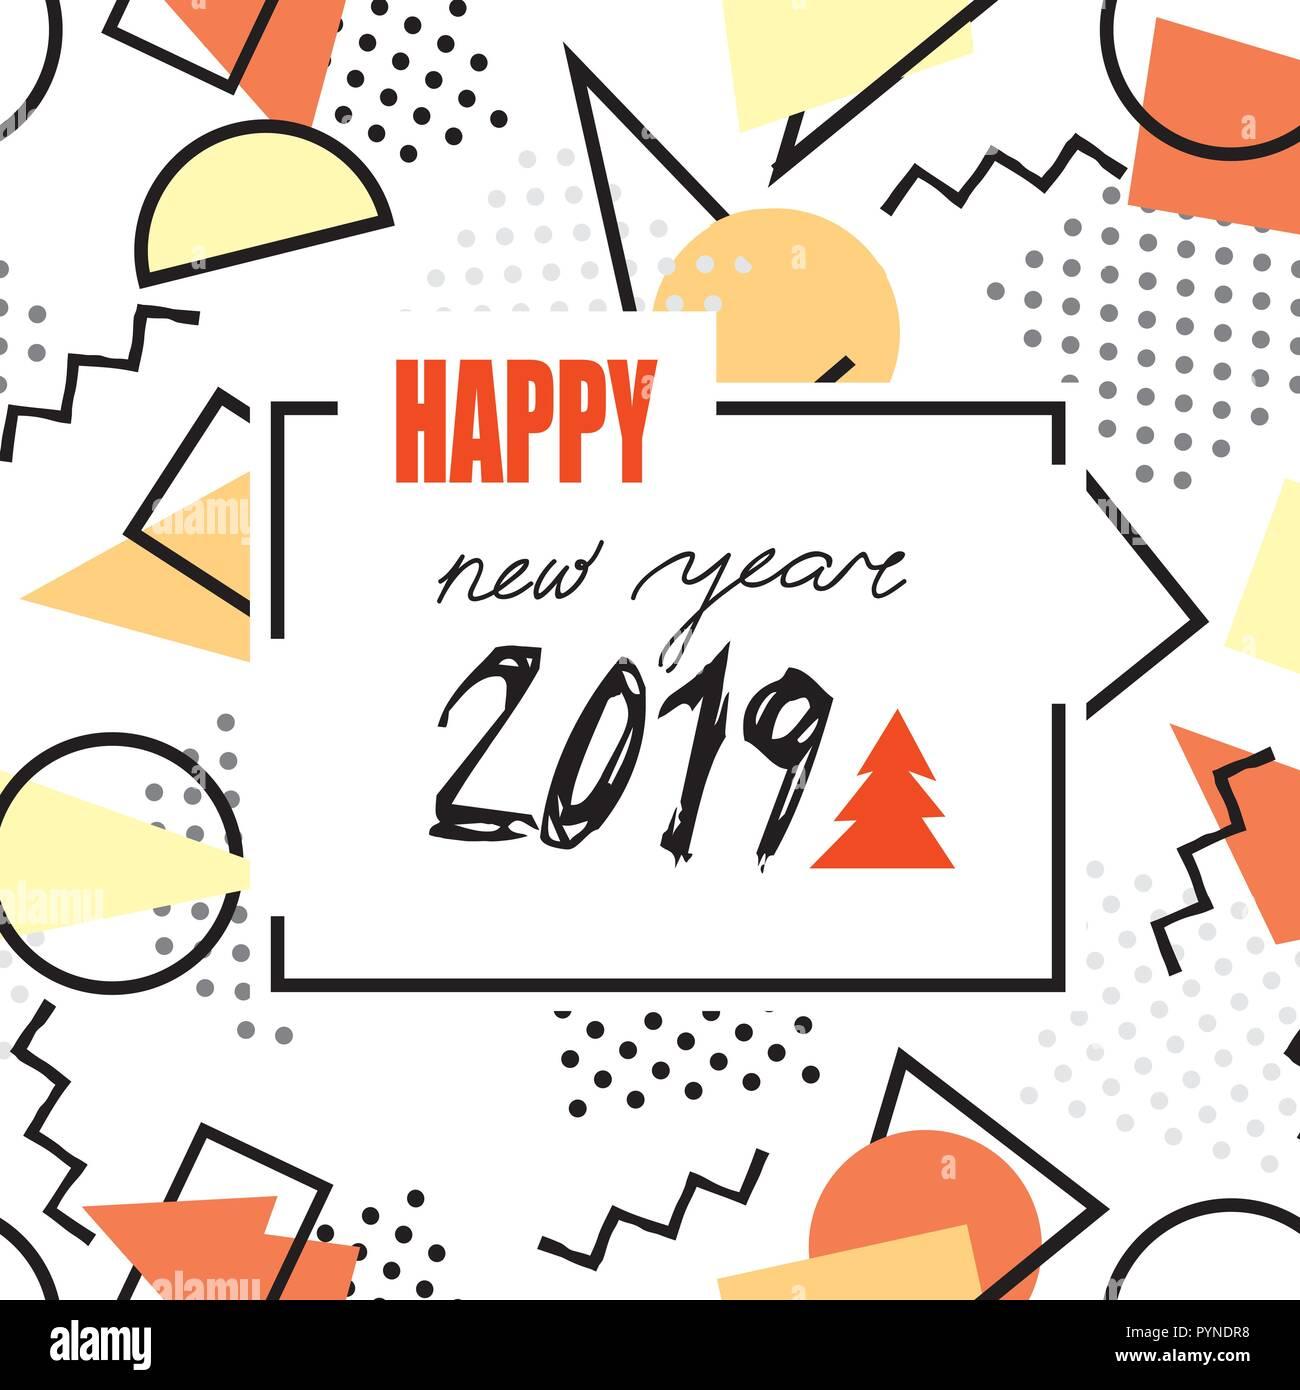 Winterurlaub Weihnachten 2019.Frohes Neues Jahr 2019 Das Banner Abstrakte Winterurlaub